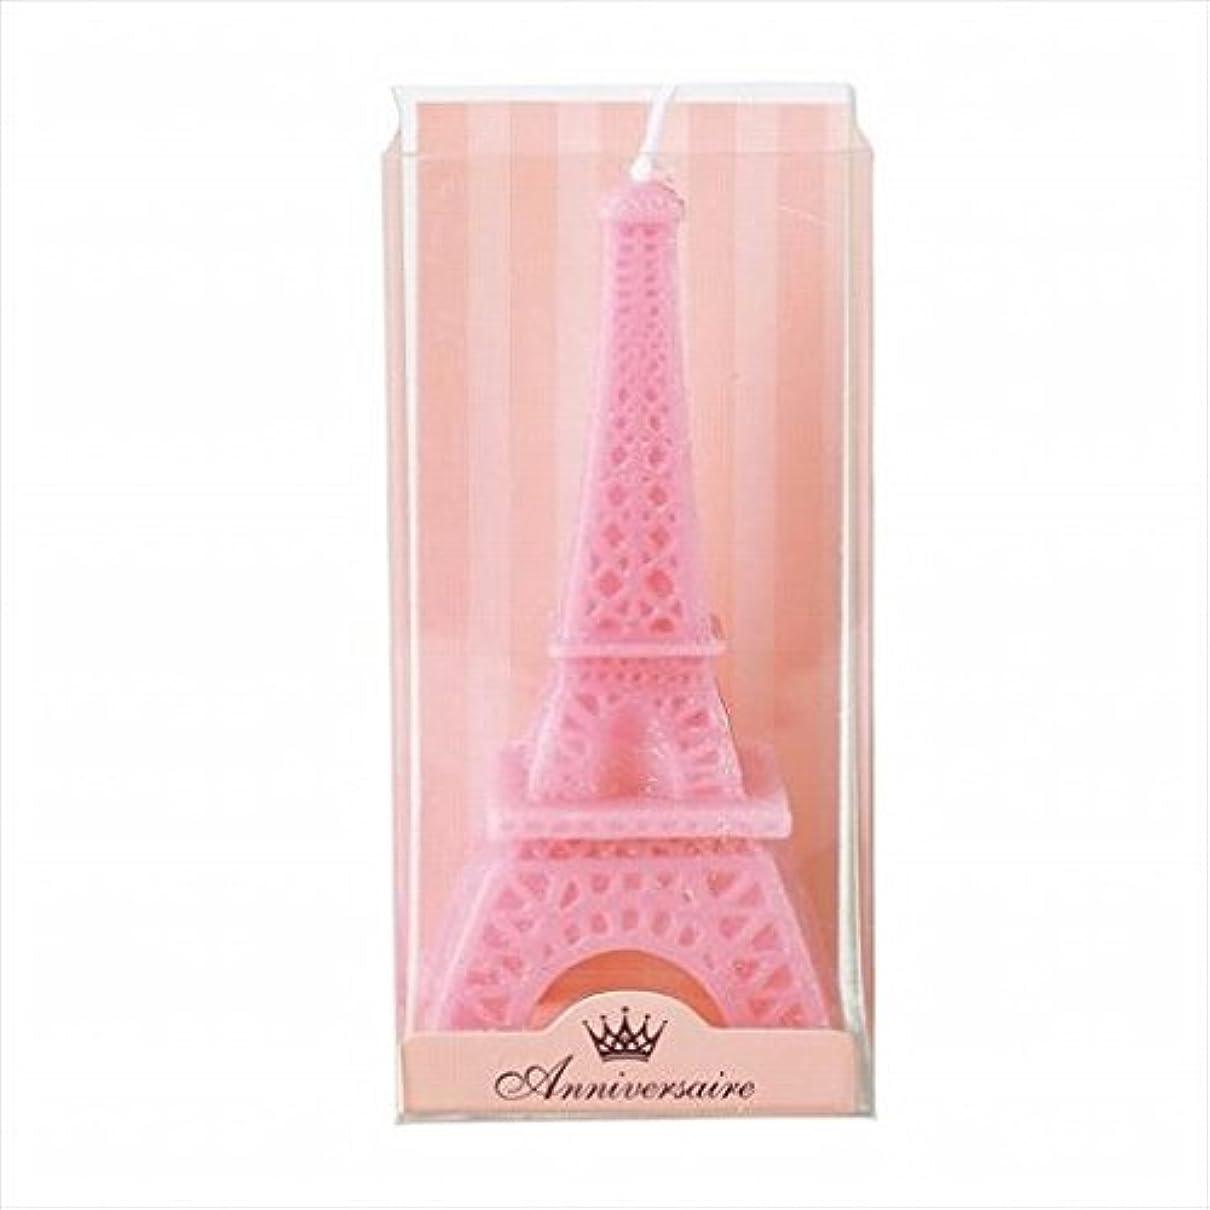 嬉しいです住所厄介なkameyama candle(カメヤマキャンドル) エッフェル塔キャンドル 「 ピンク 」(A5870000PK)